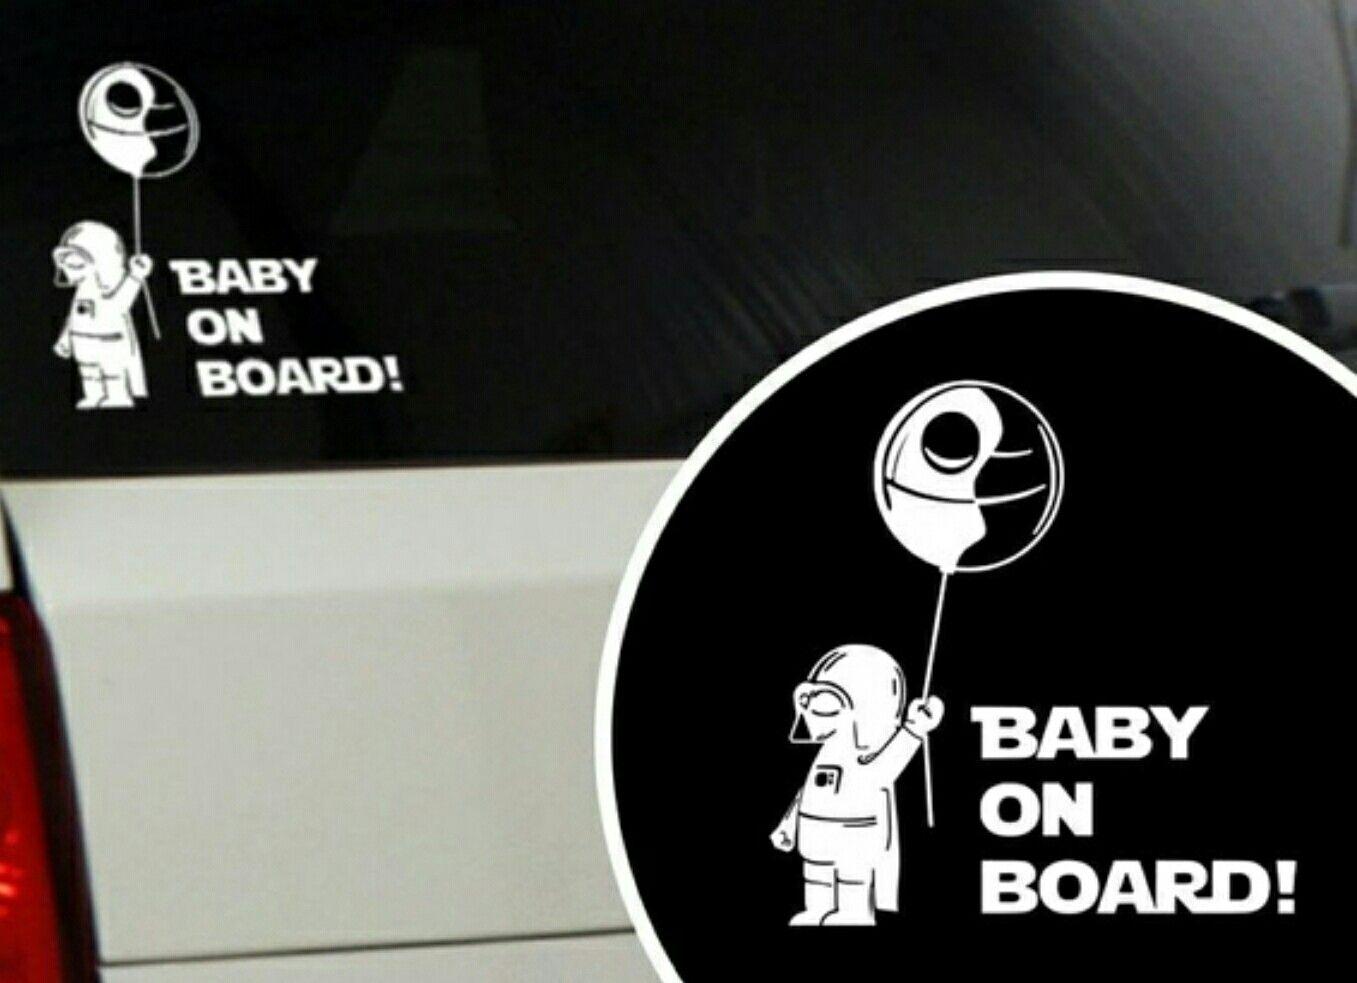 Baby On Board Star Wars Themed Little Babe Car Sticker Starwars Darthvader Deathstar Geek Nerd Naklejki Kartinki [ jpg ]